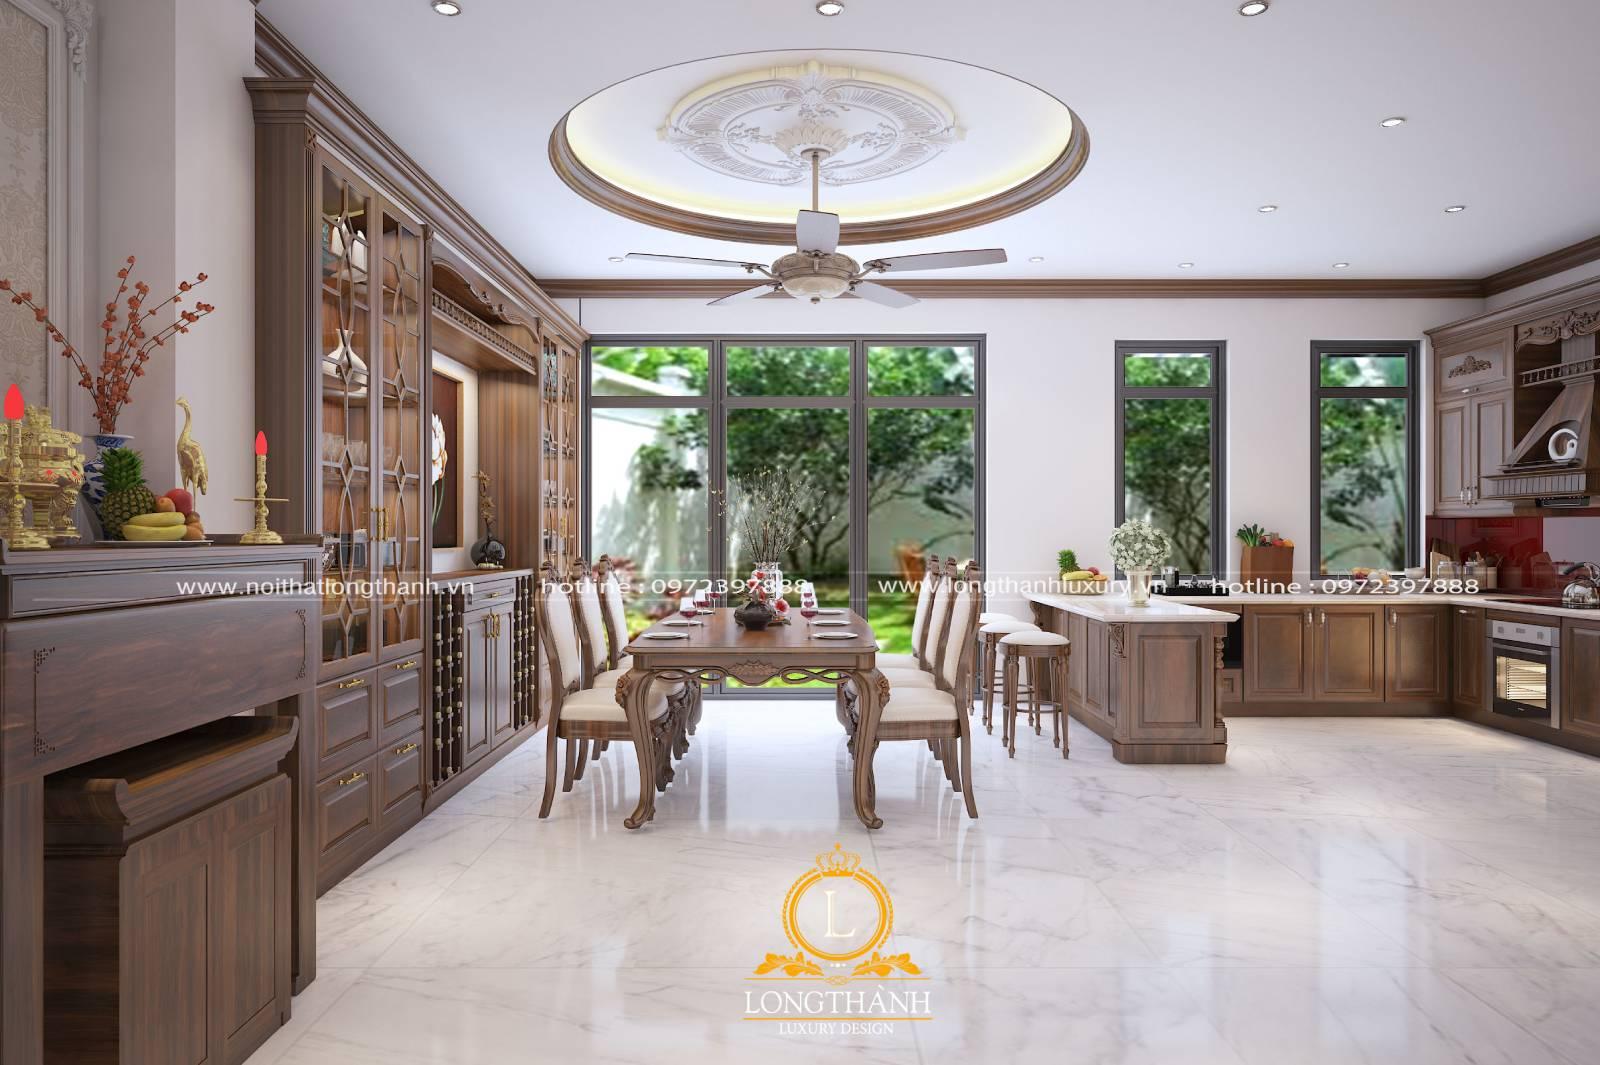 Tổng thể không gian phòng bếp nhà biệt thự thiết kế tiện nghi hiện đại